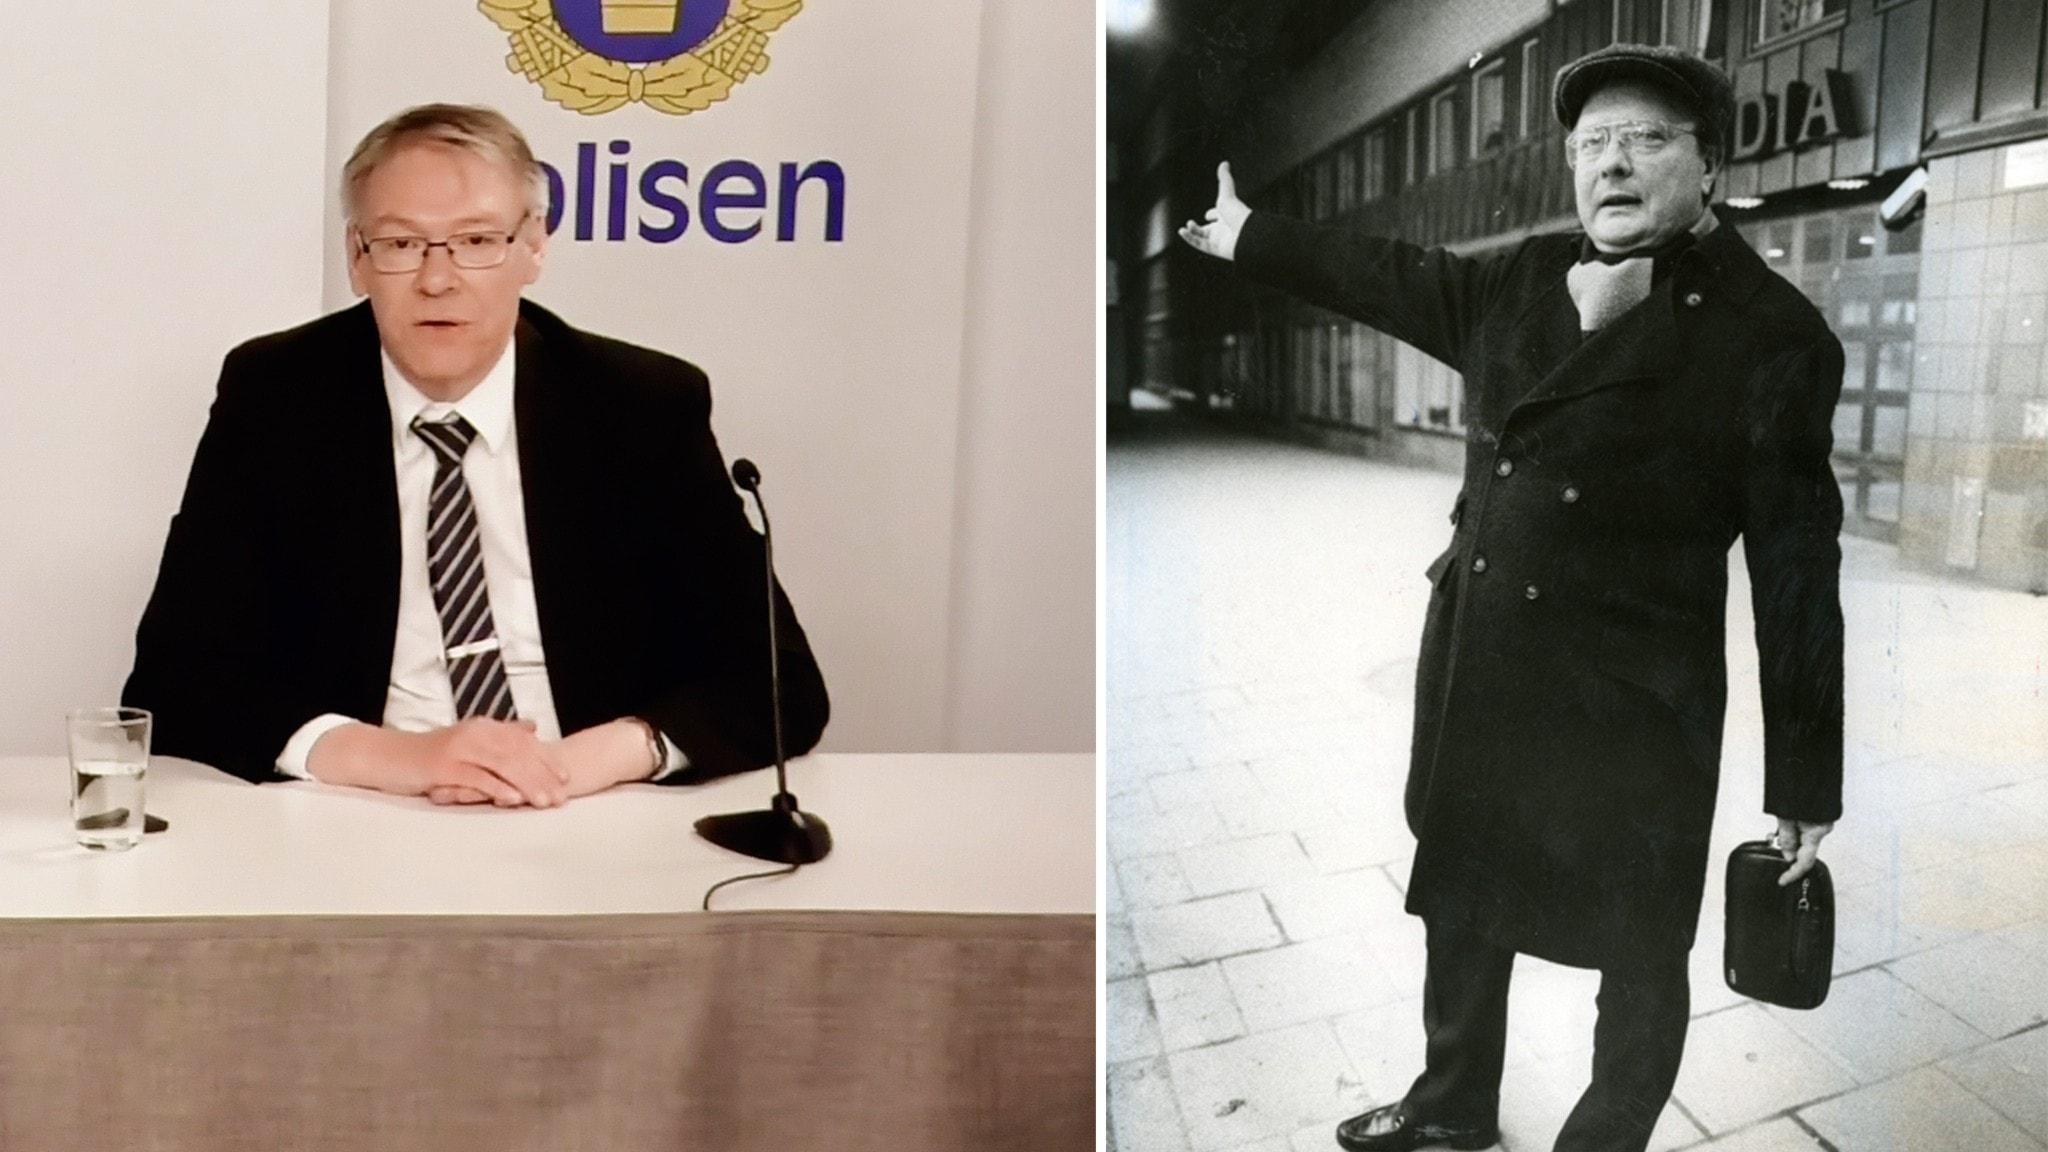 Trots anklagelserna – inget vittne har pekat ut Engström